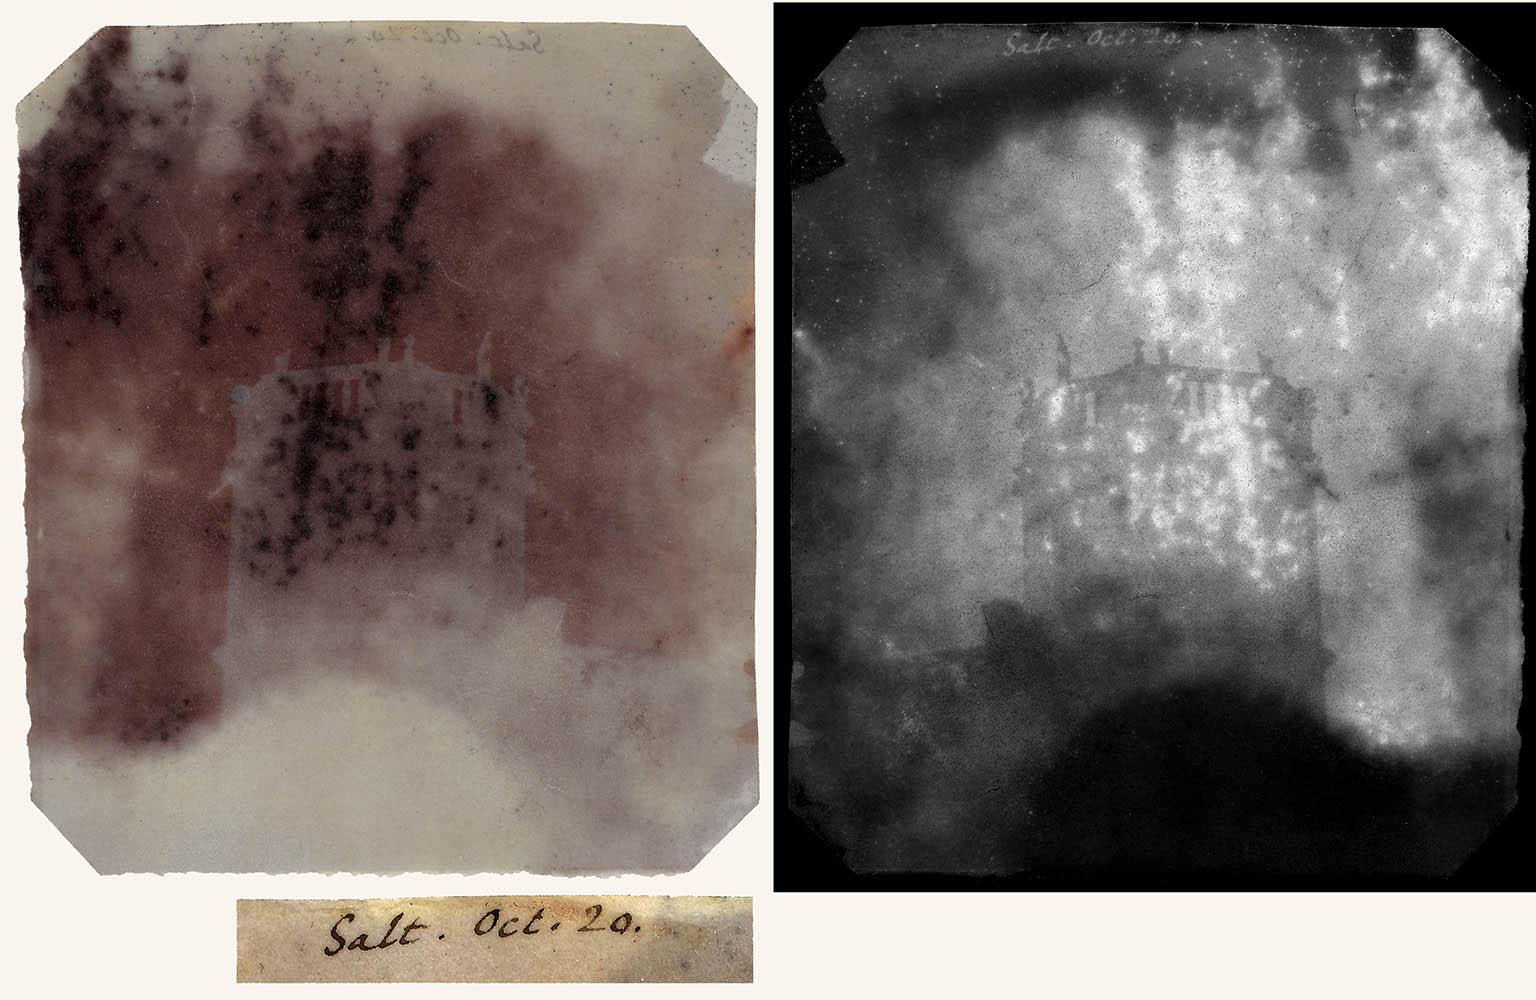 SC2308_NGC-P72-169-37